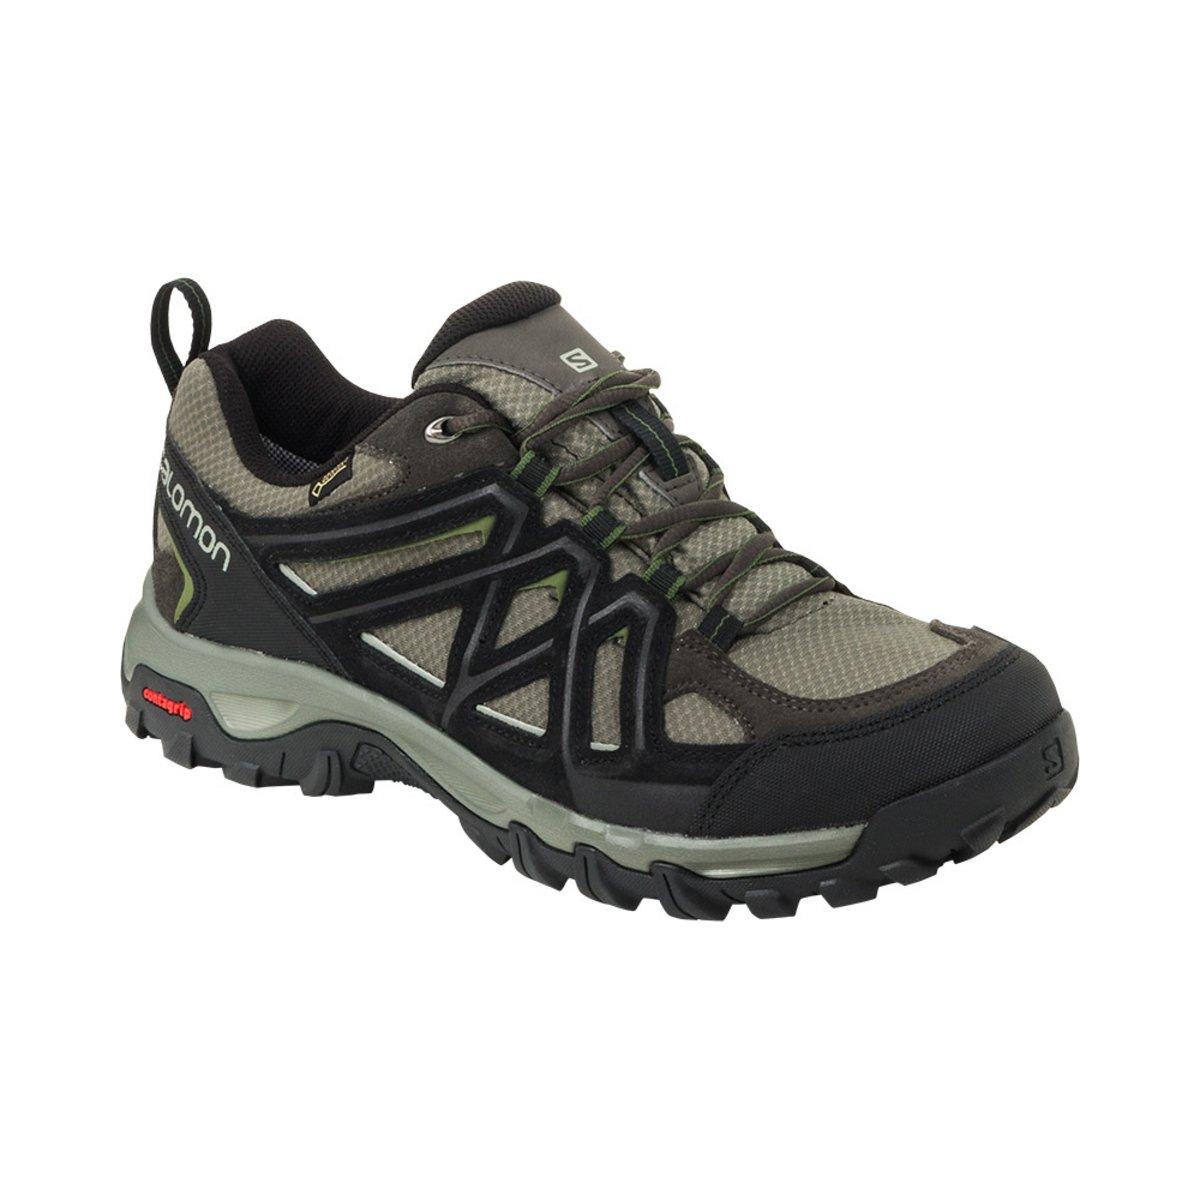 risparmia fino all'80% ultimo stile ultime tendenze Salomon Men's Evasion 2 GORE-TEX Walking Shoes - Ellis Brigham ...